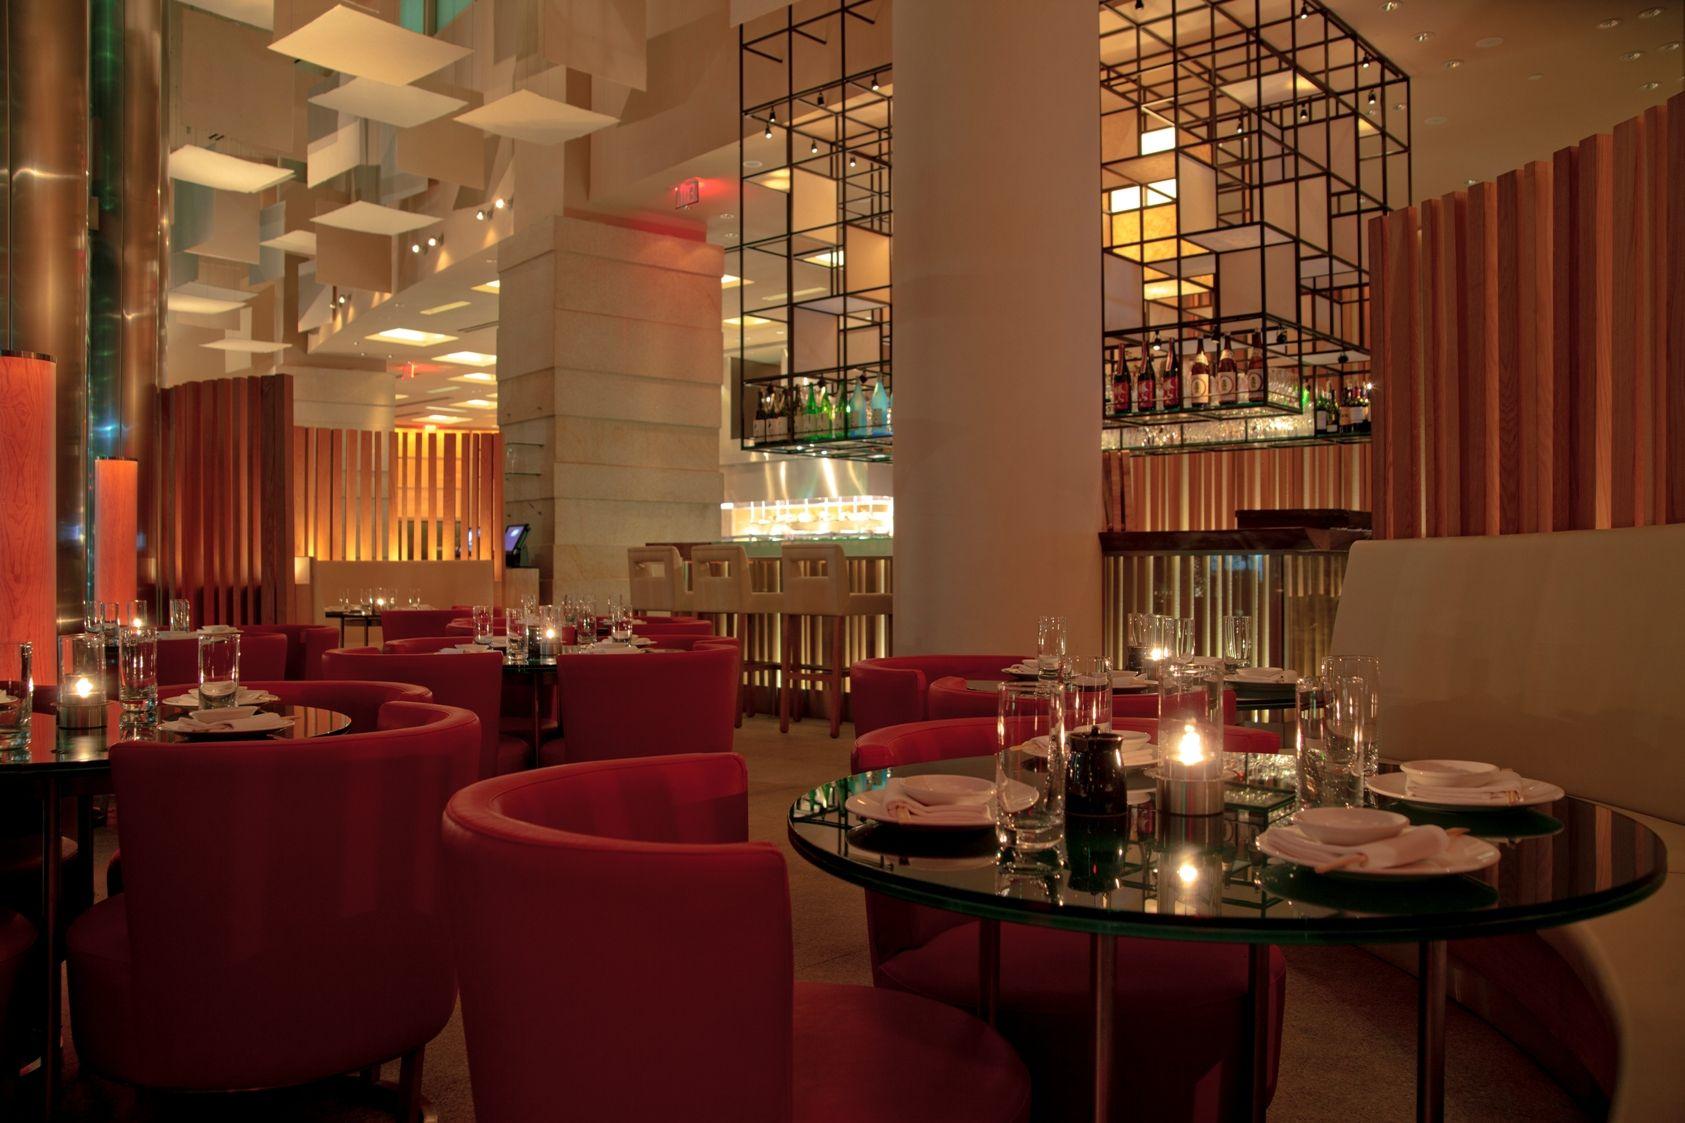 Zuma Restaurant Miami Fl Usa Miami Lounge Area Photo Credit Bill Wisser